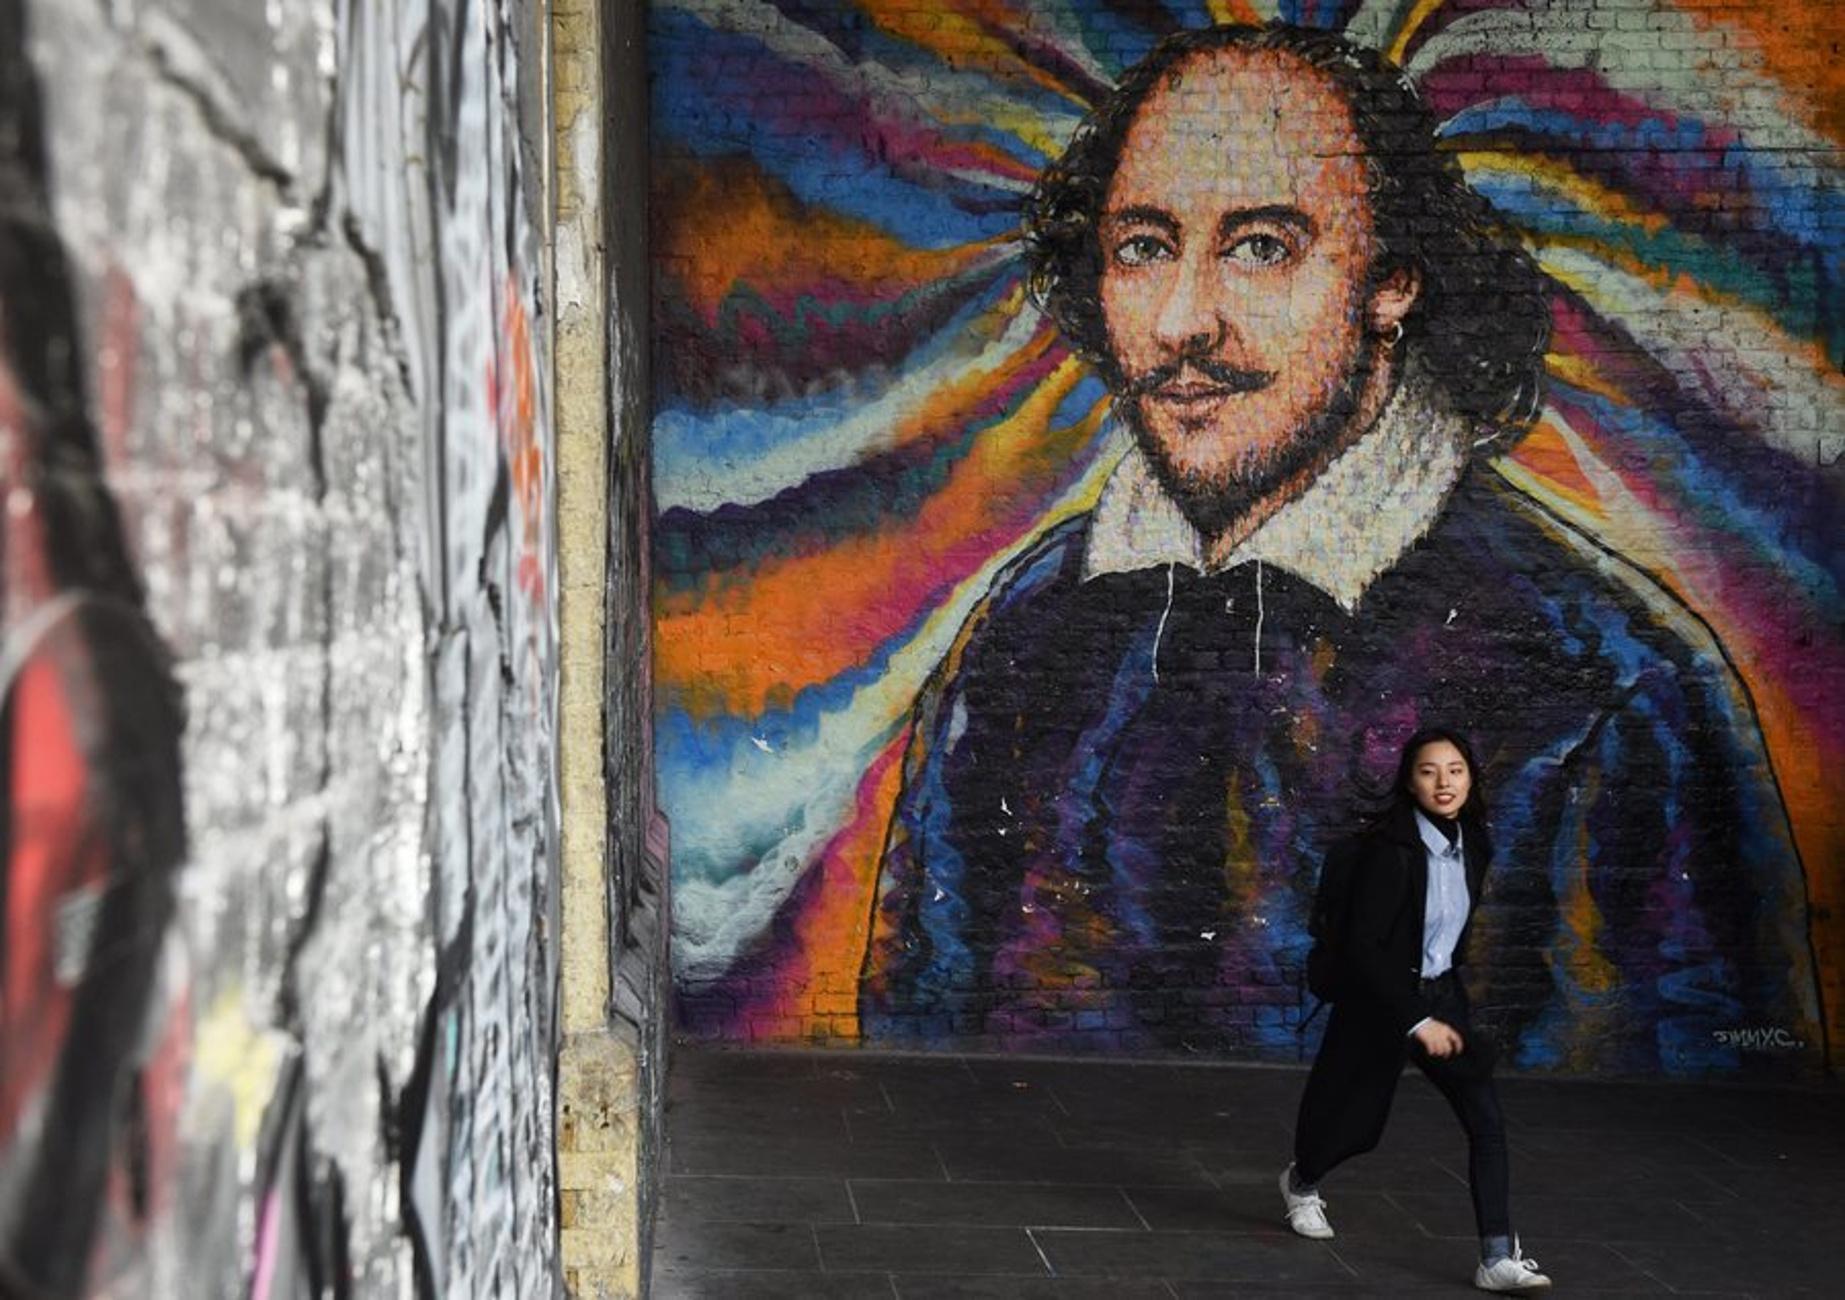 Παραστάσεις έργων του Σαίξπηρ μέσω live streaming από το Globe Theatre